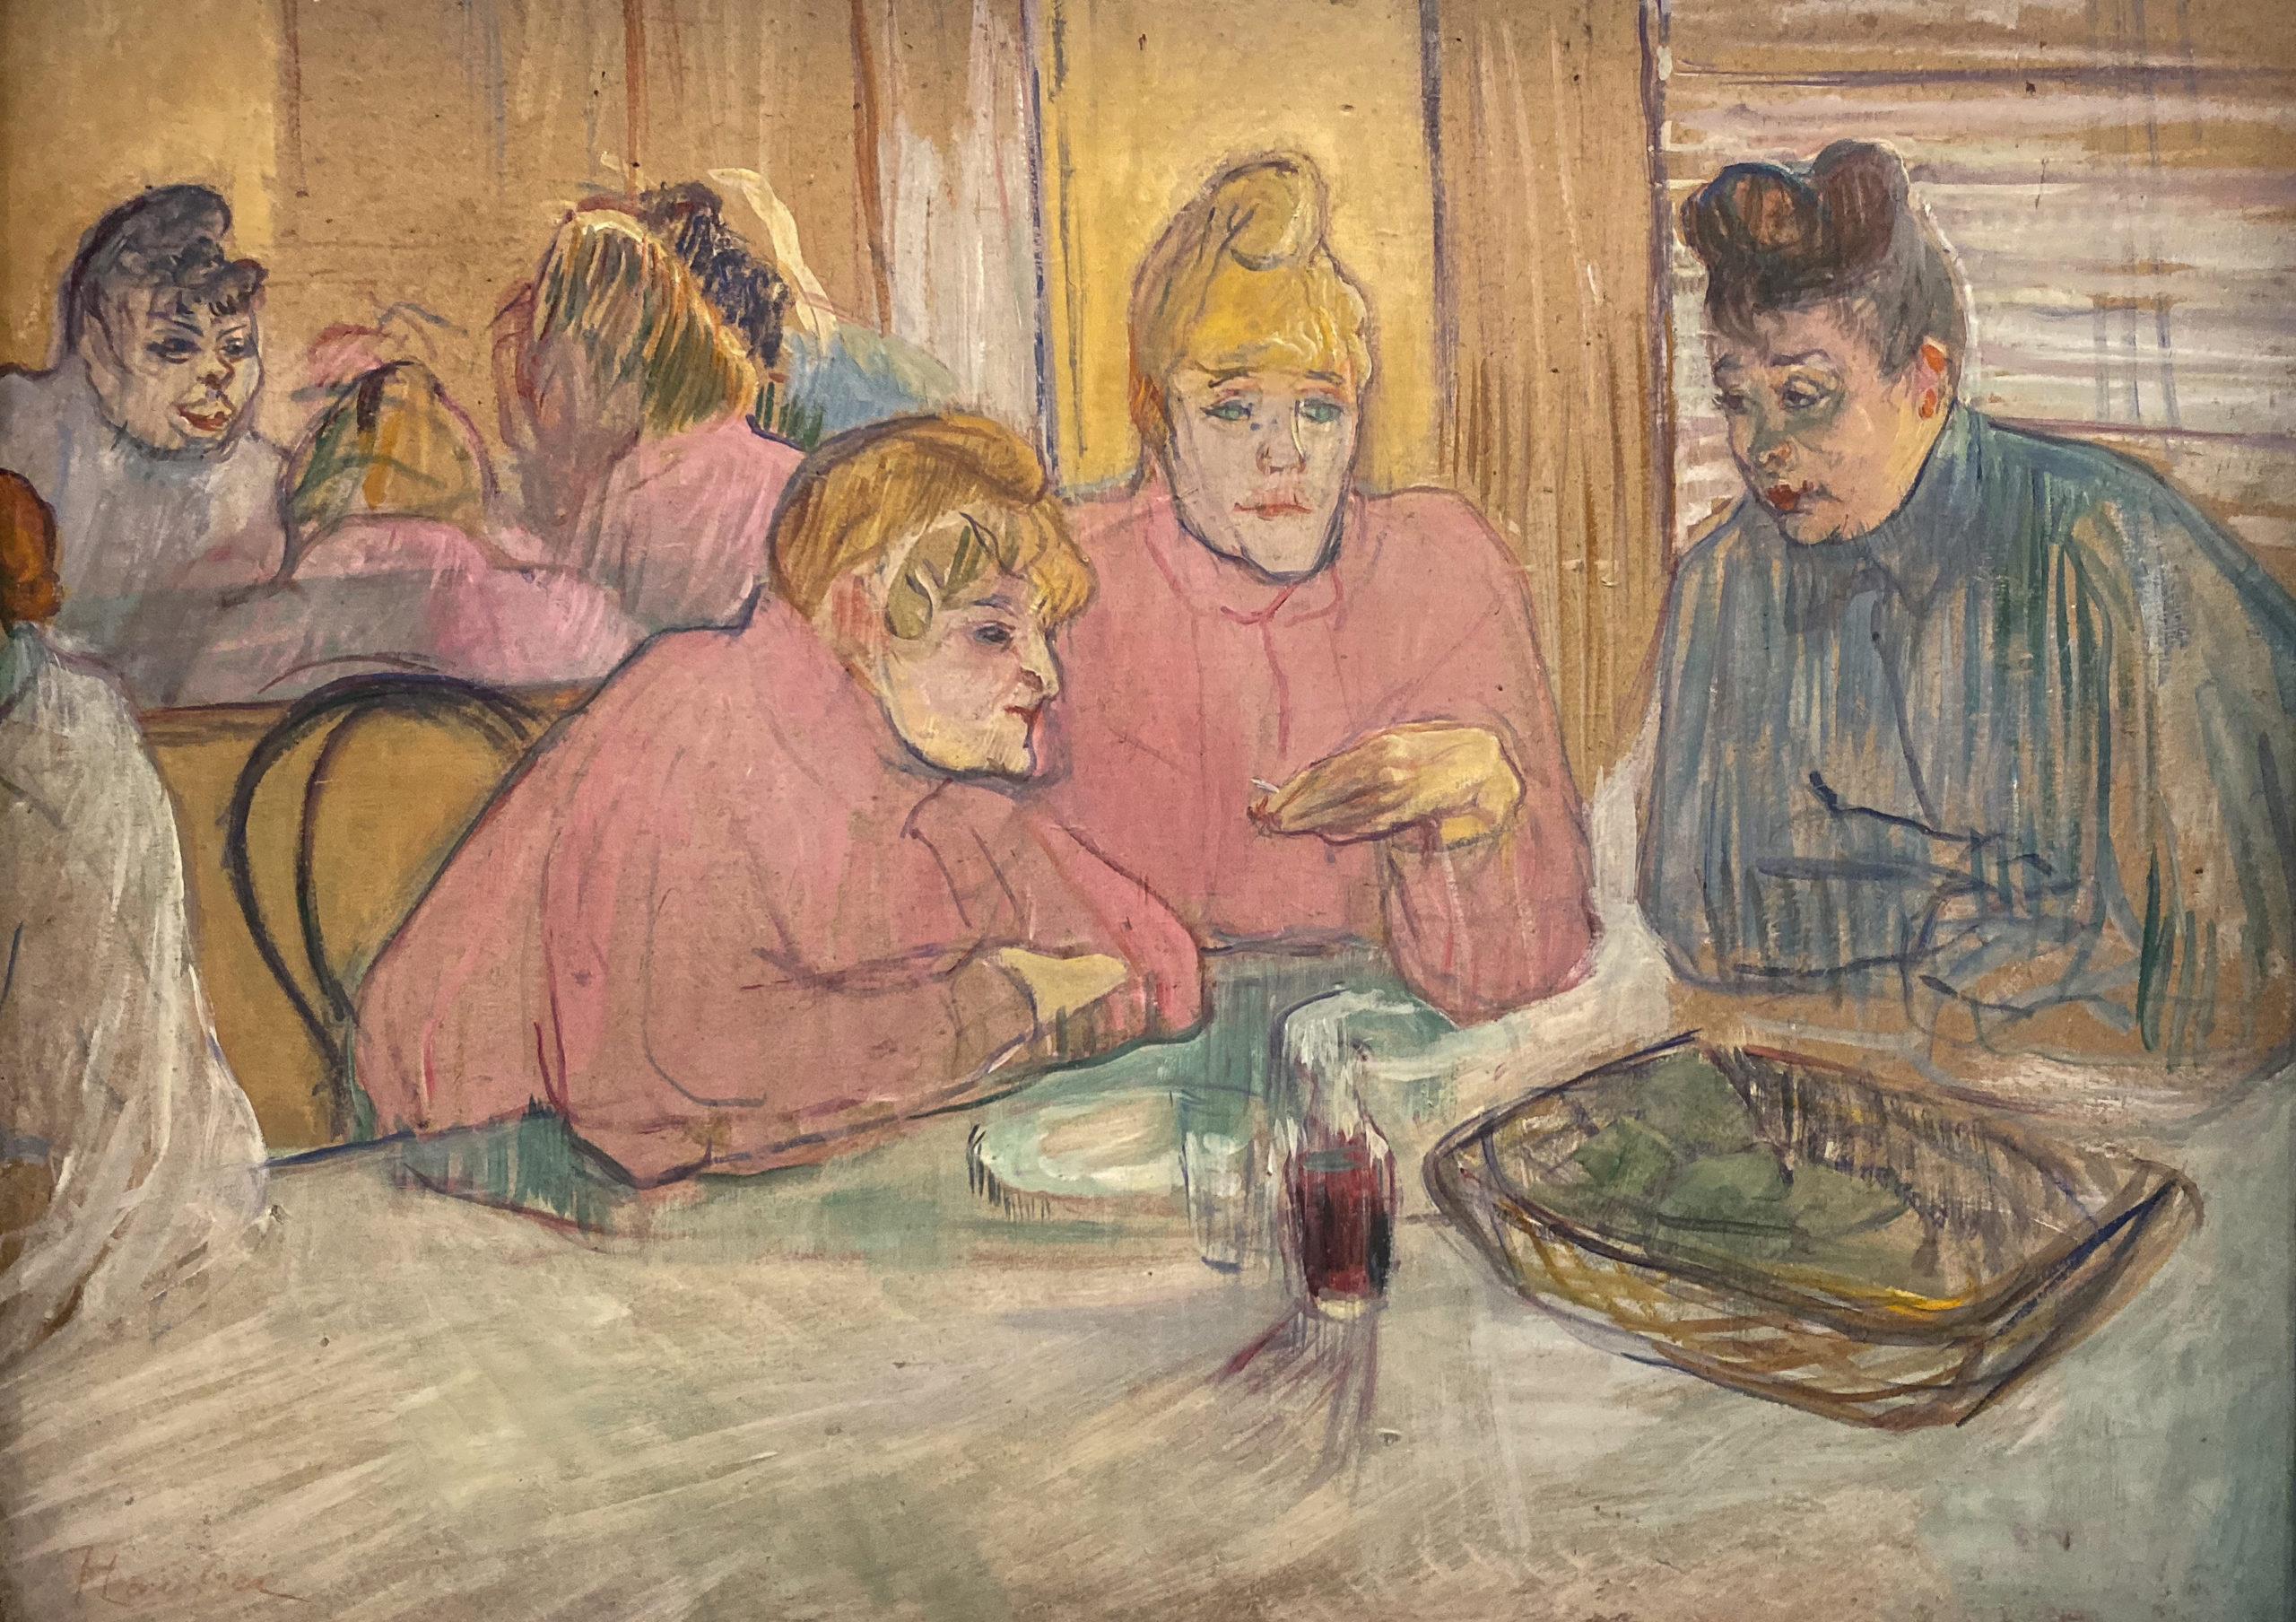 Toulouse-Lautrec im Grand Palais 2019/20 Ces Dames au réfectoire